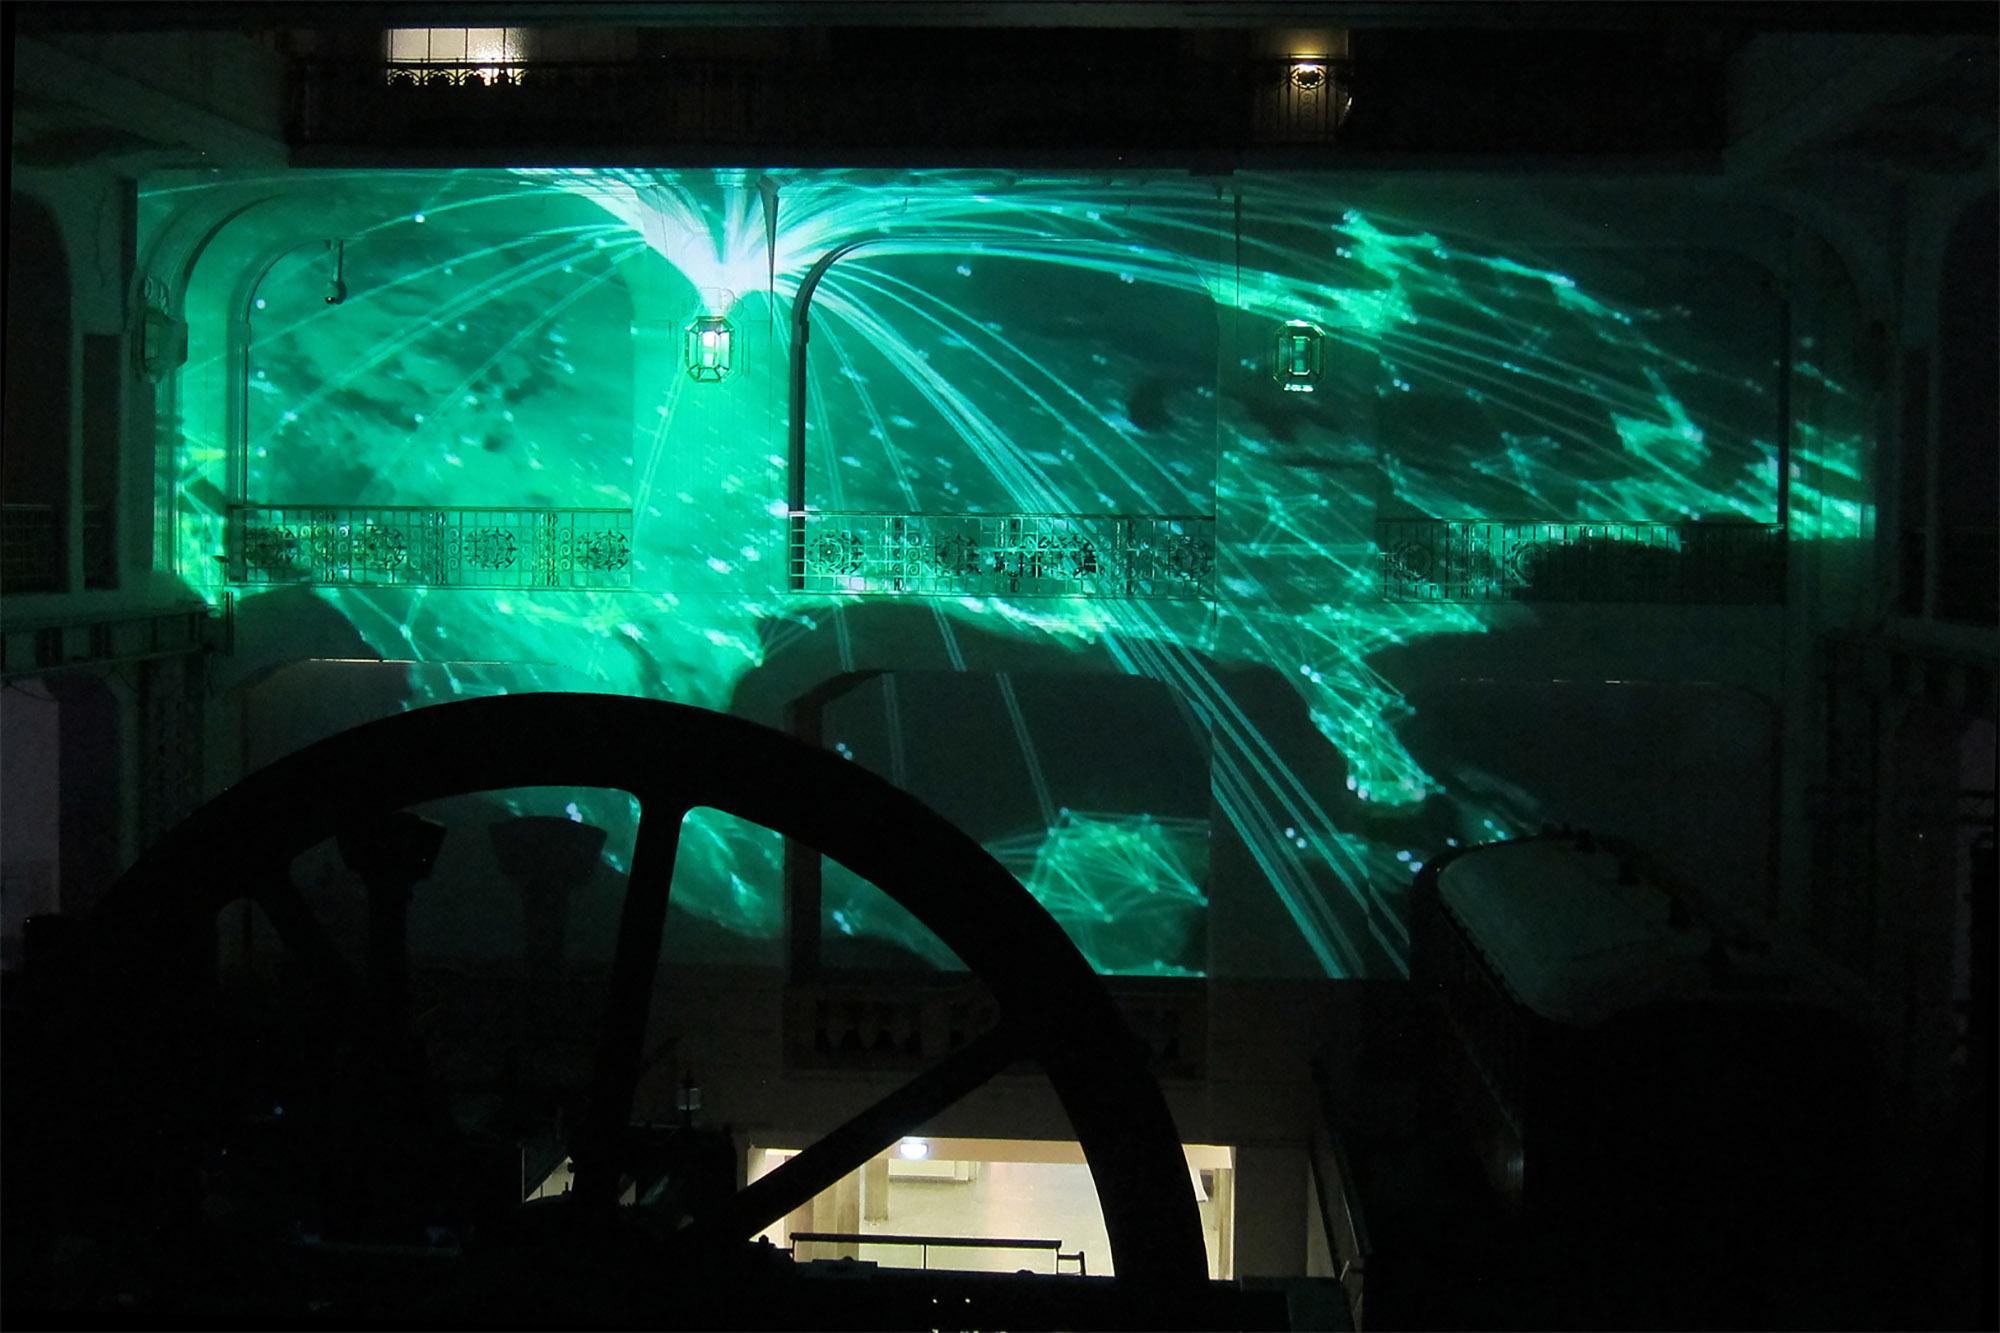 Otis_TechnischesMuseumWien_12.jpg